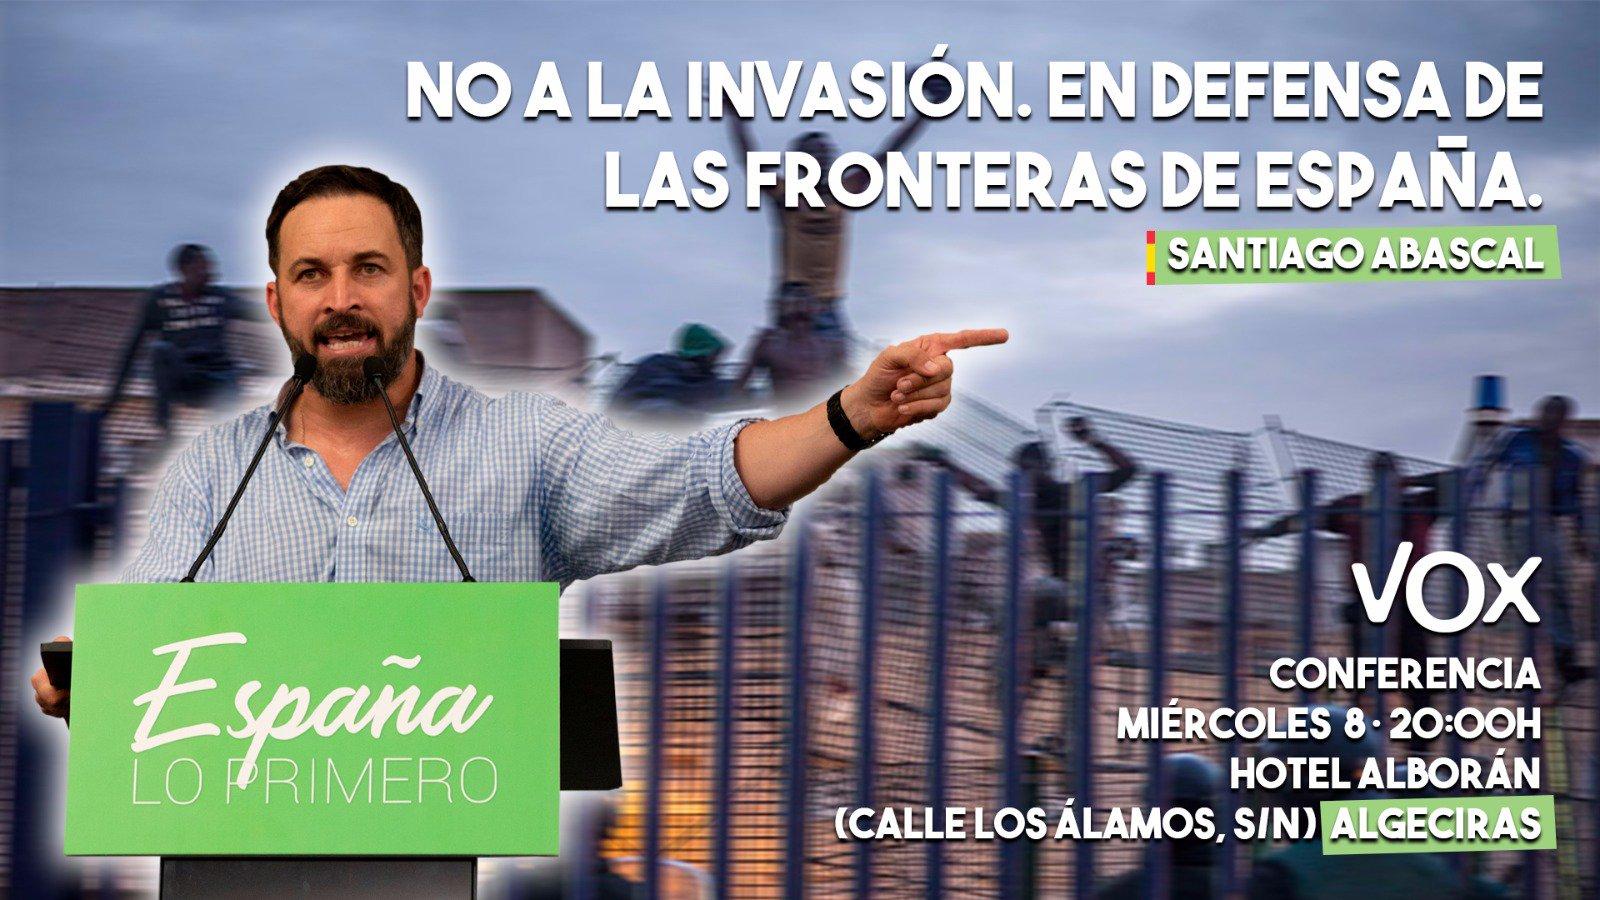 Principios. Cartel elaborado por Vox de acto en favor a la defensa de las fronteras de España, 2018. Autor: Vox. Imagen: Twitter.